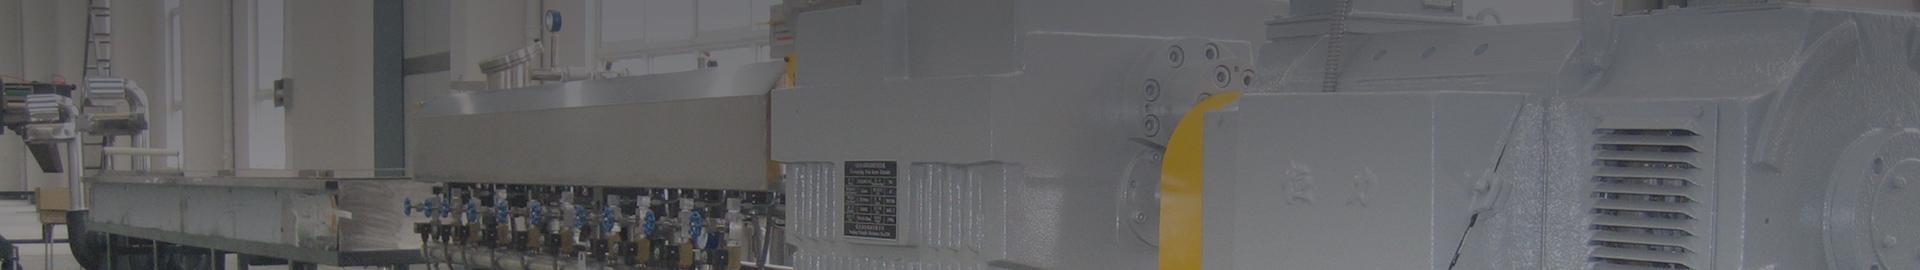 Экструзионно выдувное оборудование для производства полимерных изделий